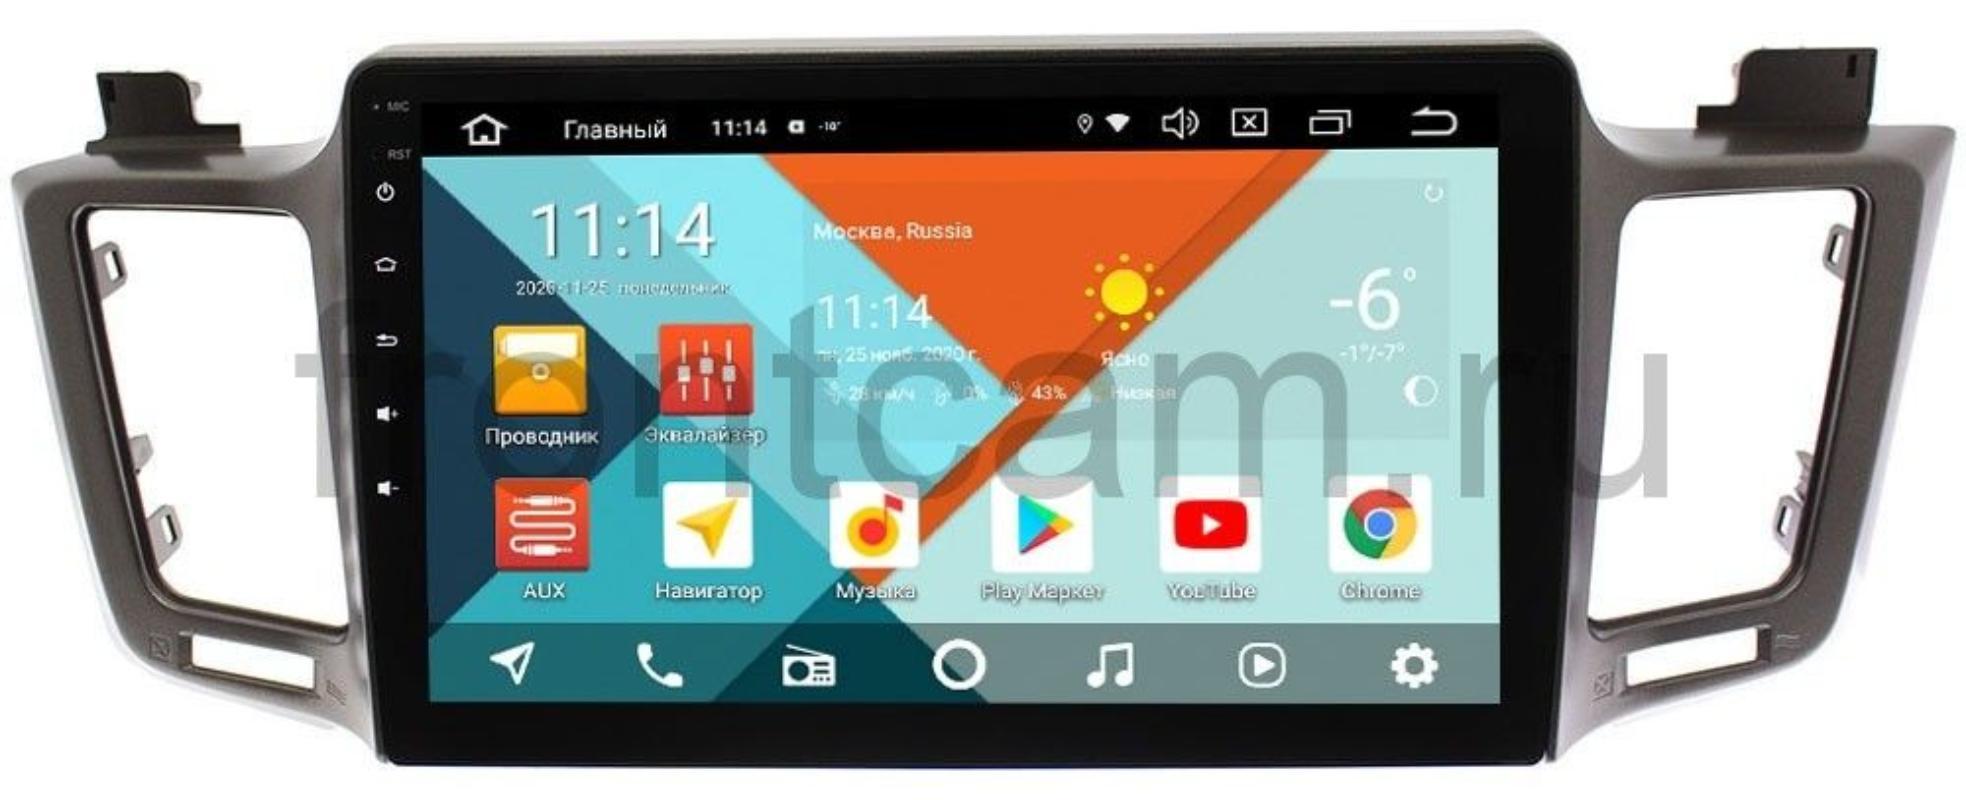 Штатная магнитола Wide Media KS1030QR-3/32 DSP CarPlay 4G-SIM для Toyota RAV4 (CA40) 2013-2019 (для авто c 4 камерами) на Android 10 (+ Камера заднего вида в подарок!)